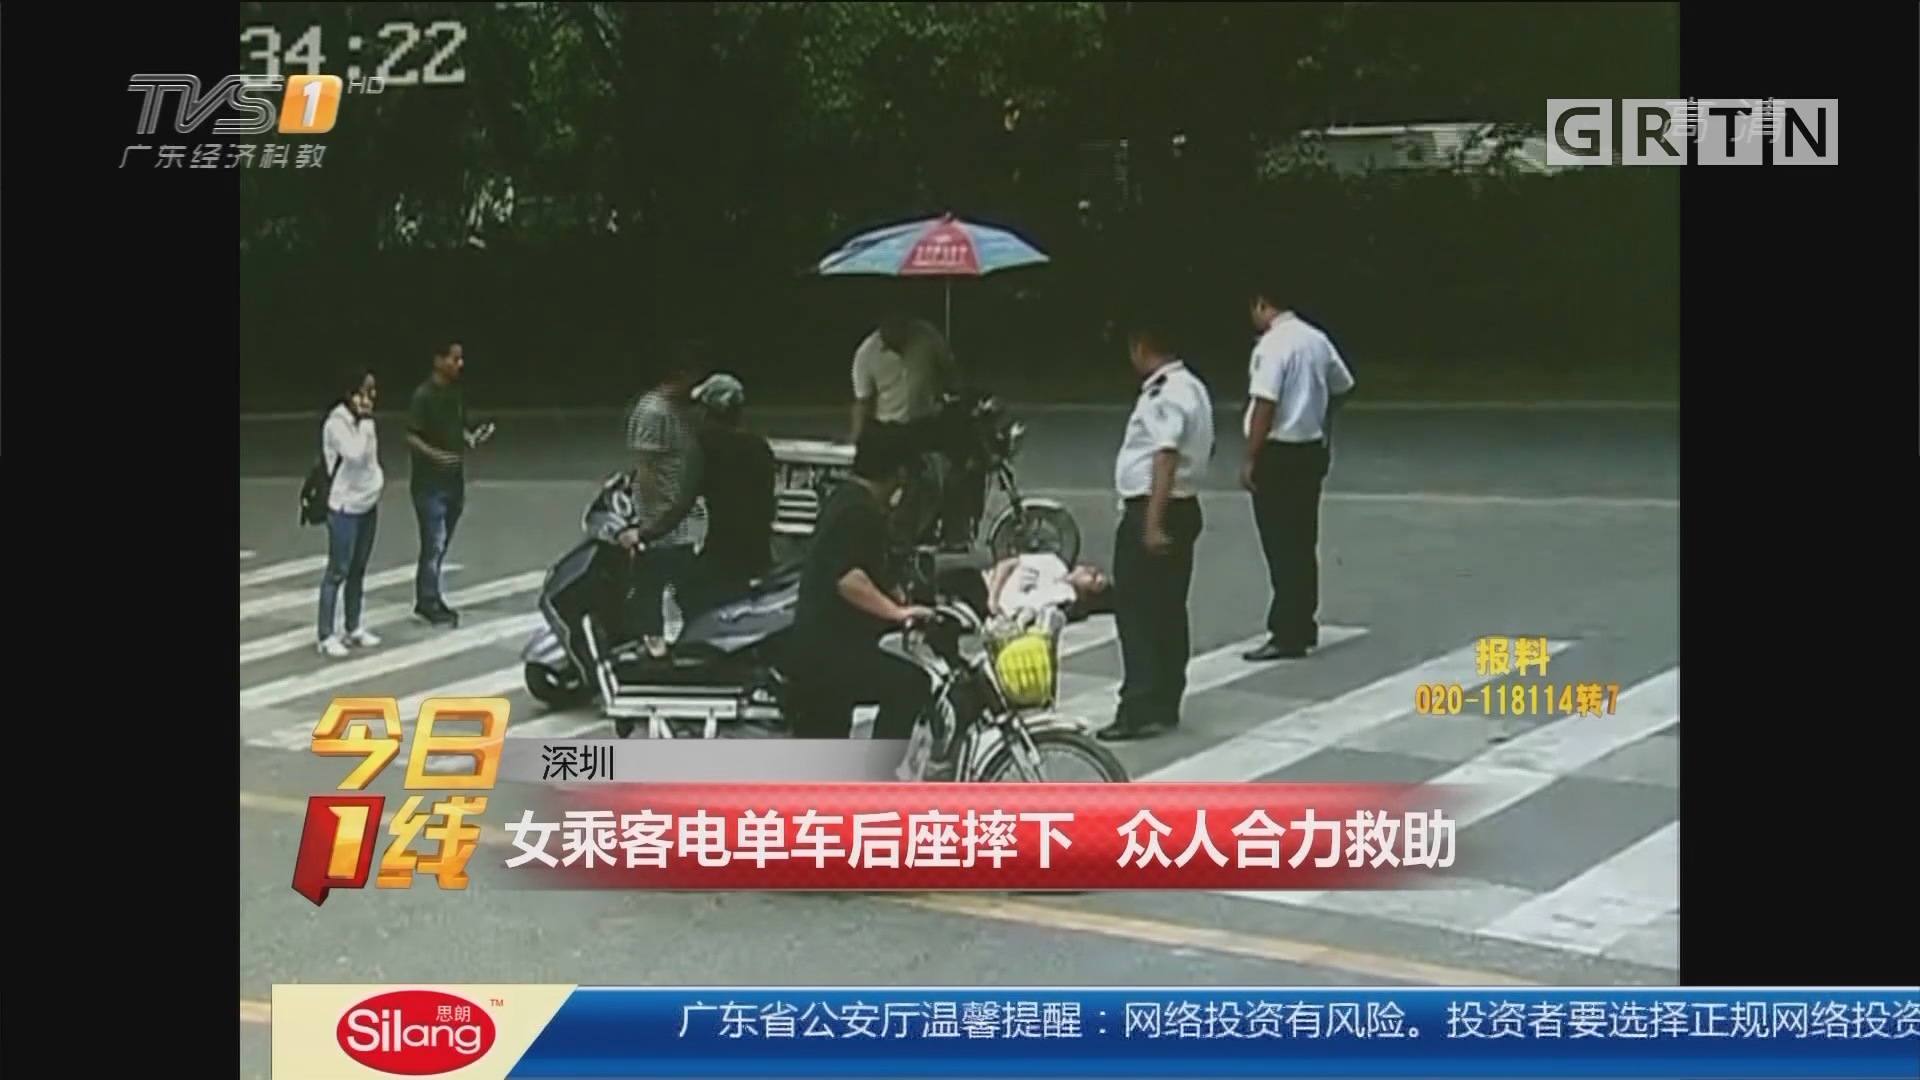 深圳:女乘客电单车后座摔下 众人合力救助